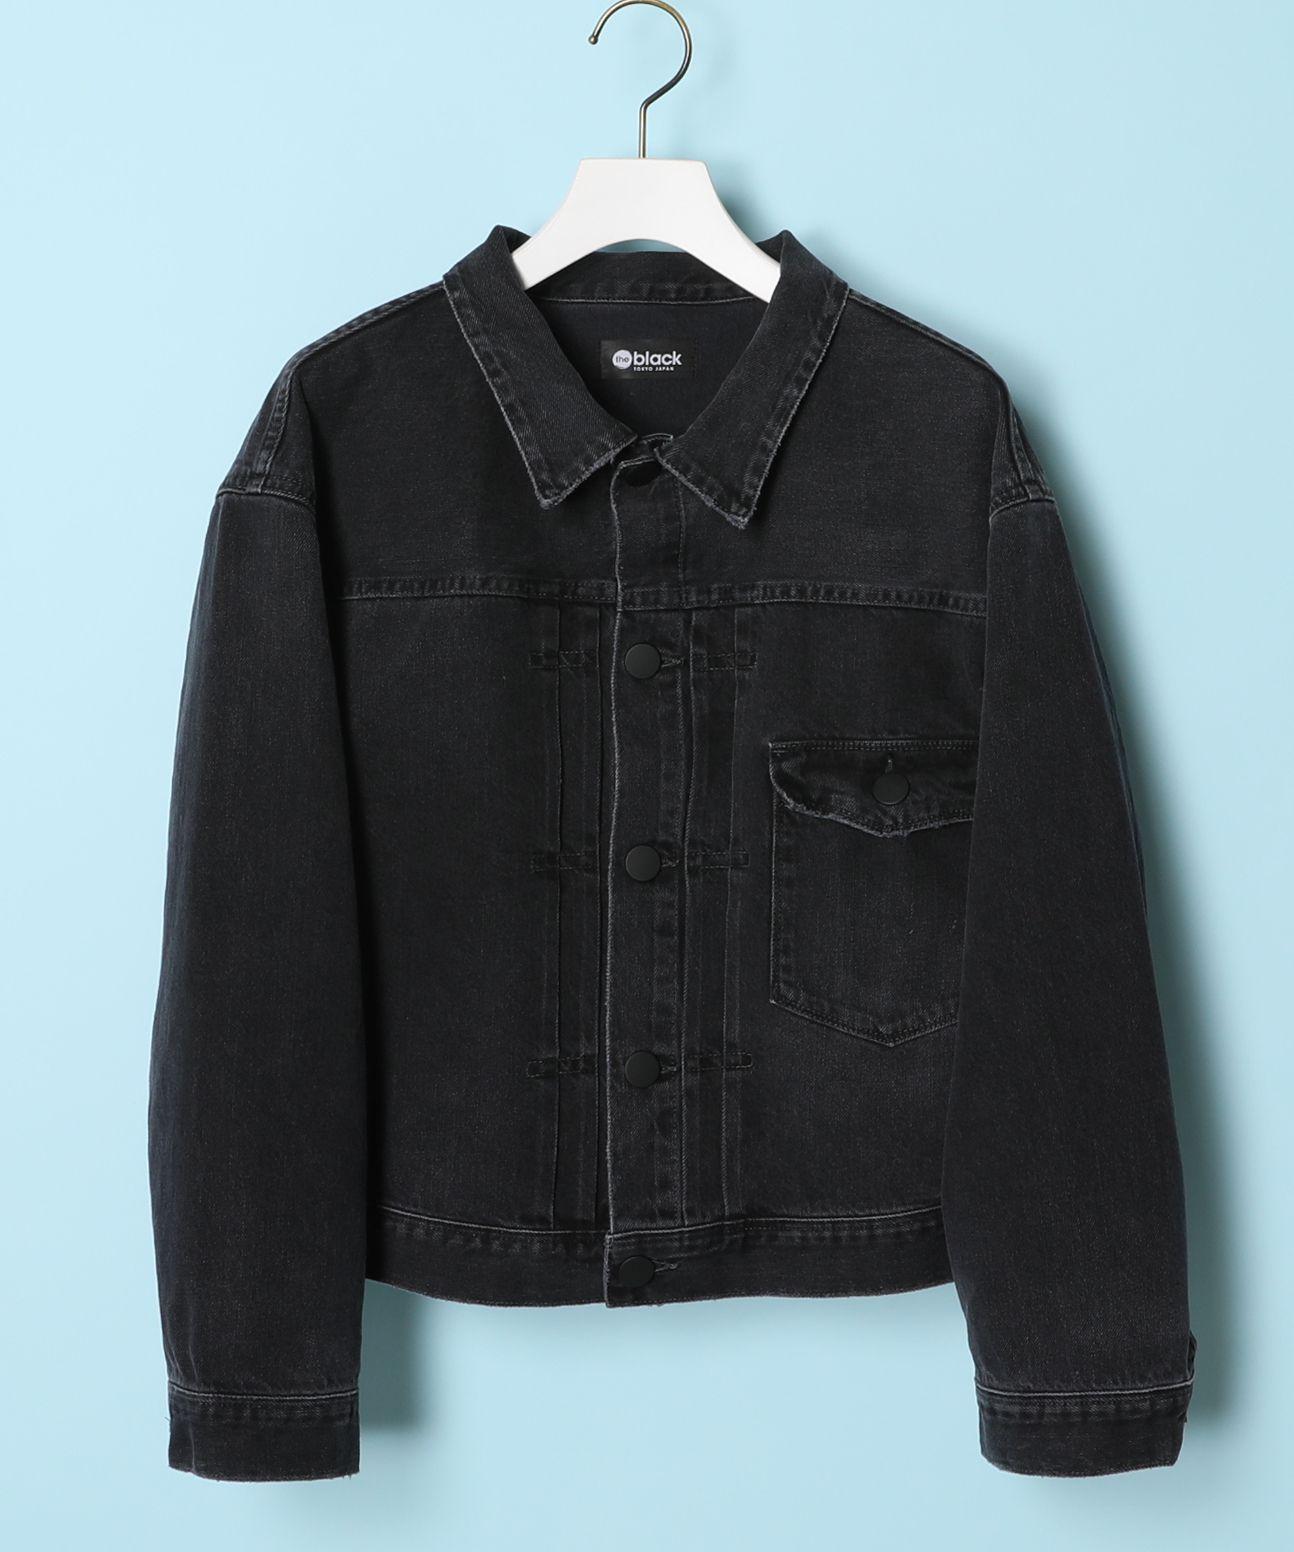 THE BLACK ザブラック / PARK Jacket デニムジャケット